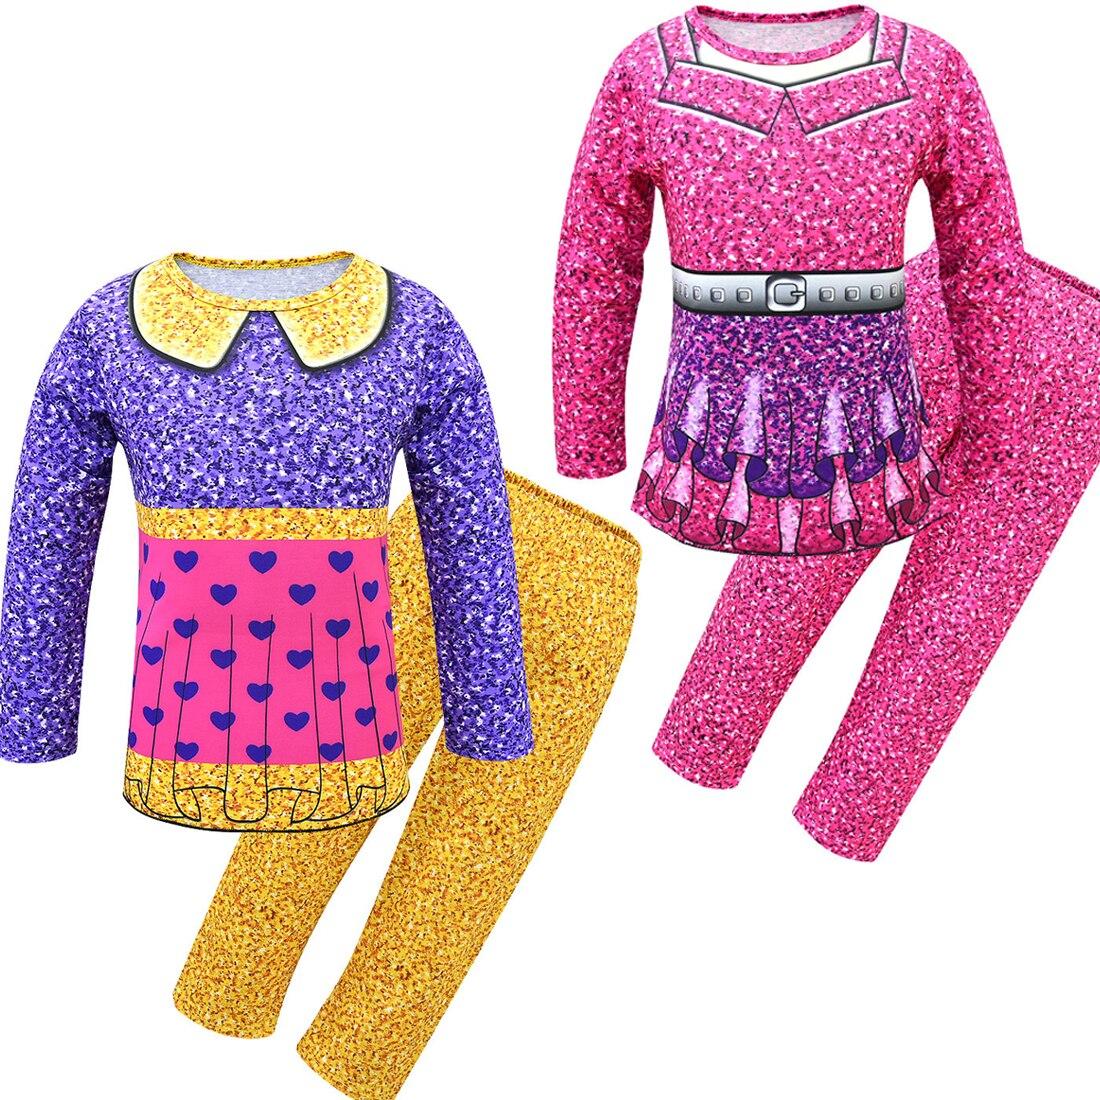 Crianças pijamas lol festa de aniversário pijamas conjunto crianças moda 2019 pijamas para meninos meninas roupas de ação de graças ternos